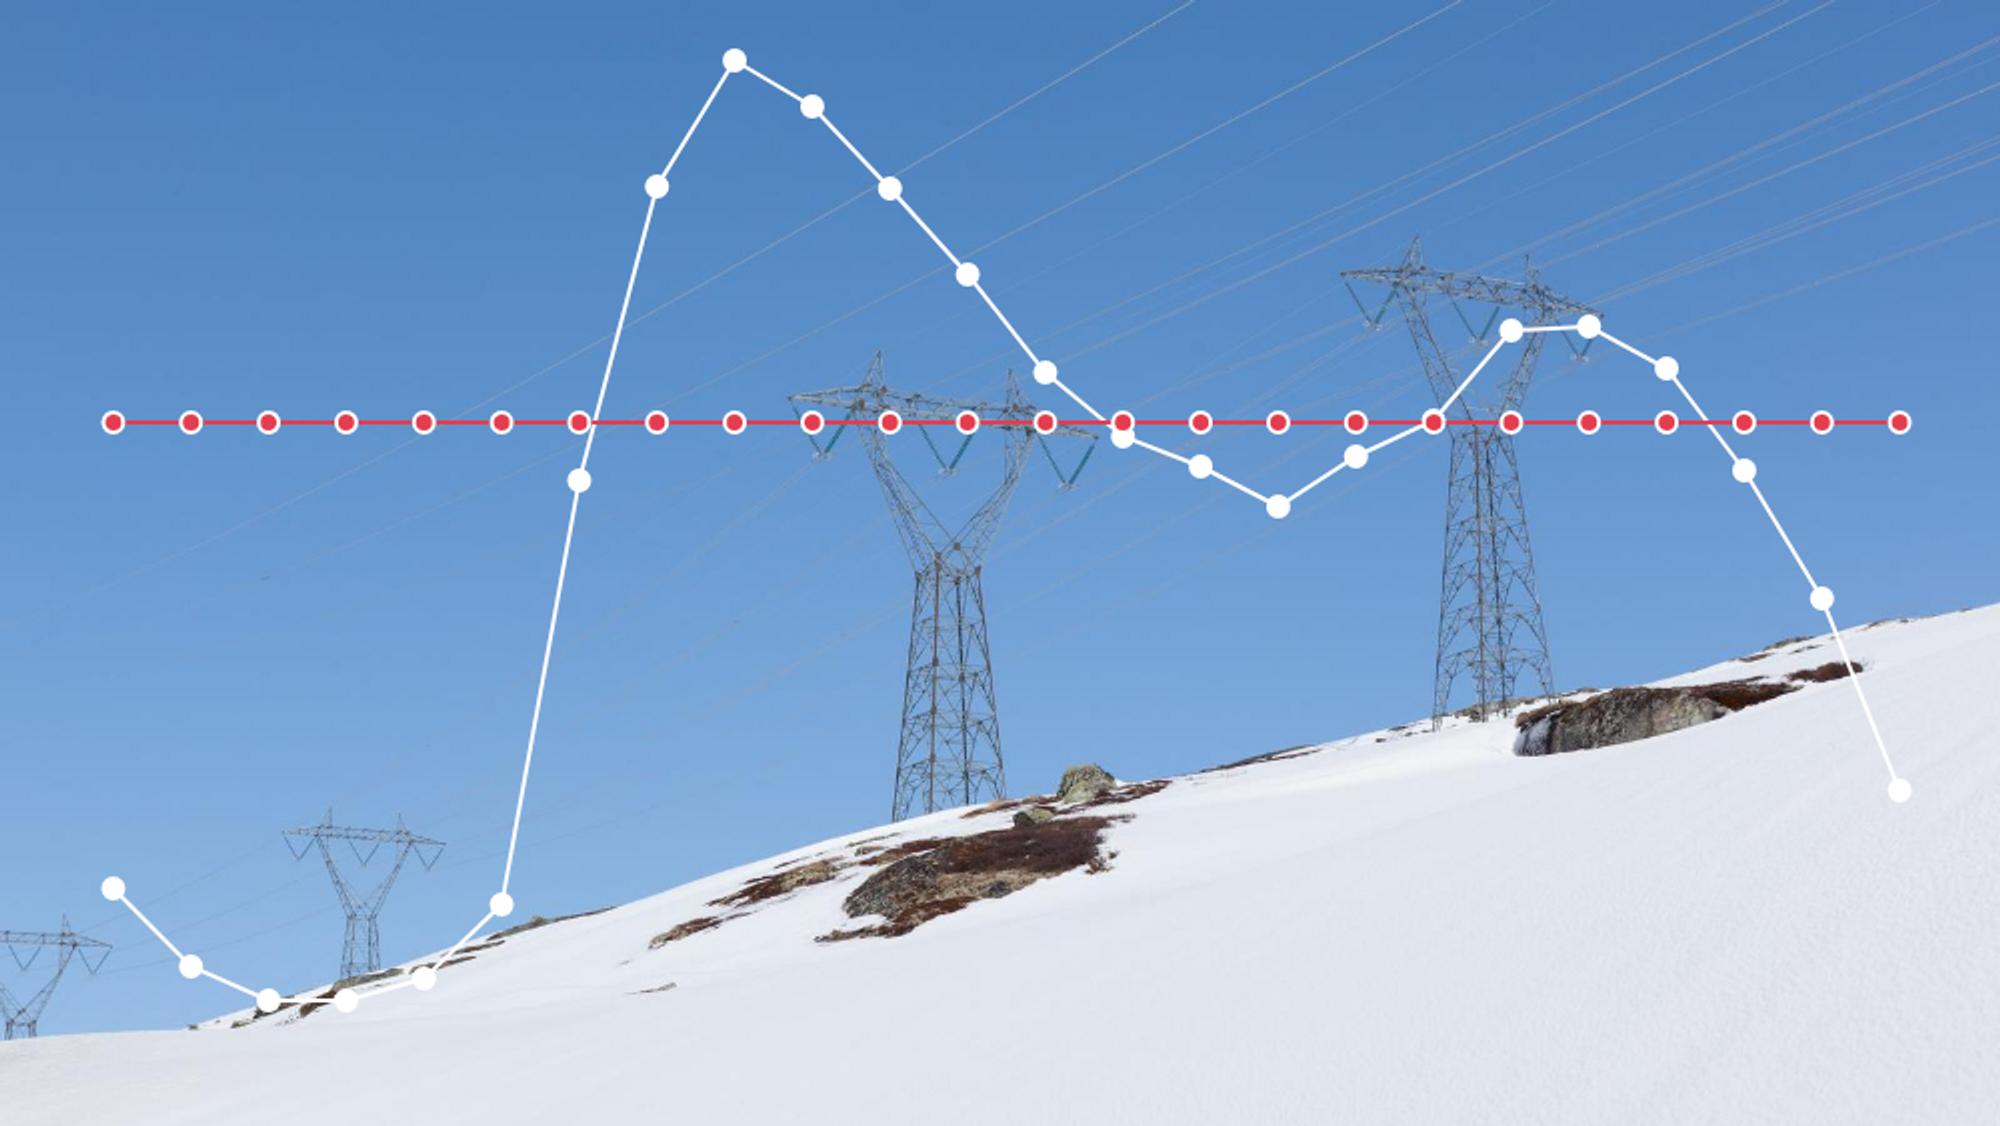 I noen timer på formiddagen og noen timer på ettermiddagen har vi effekttopper i det norske strømforbruket. Ved tidsforskjeller mellom landene kan disse havne på ulik tid i land som Norge handler med. Illustrasjonen viser svingningene i strømforbruket en kald dag i februar.